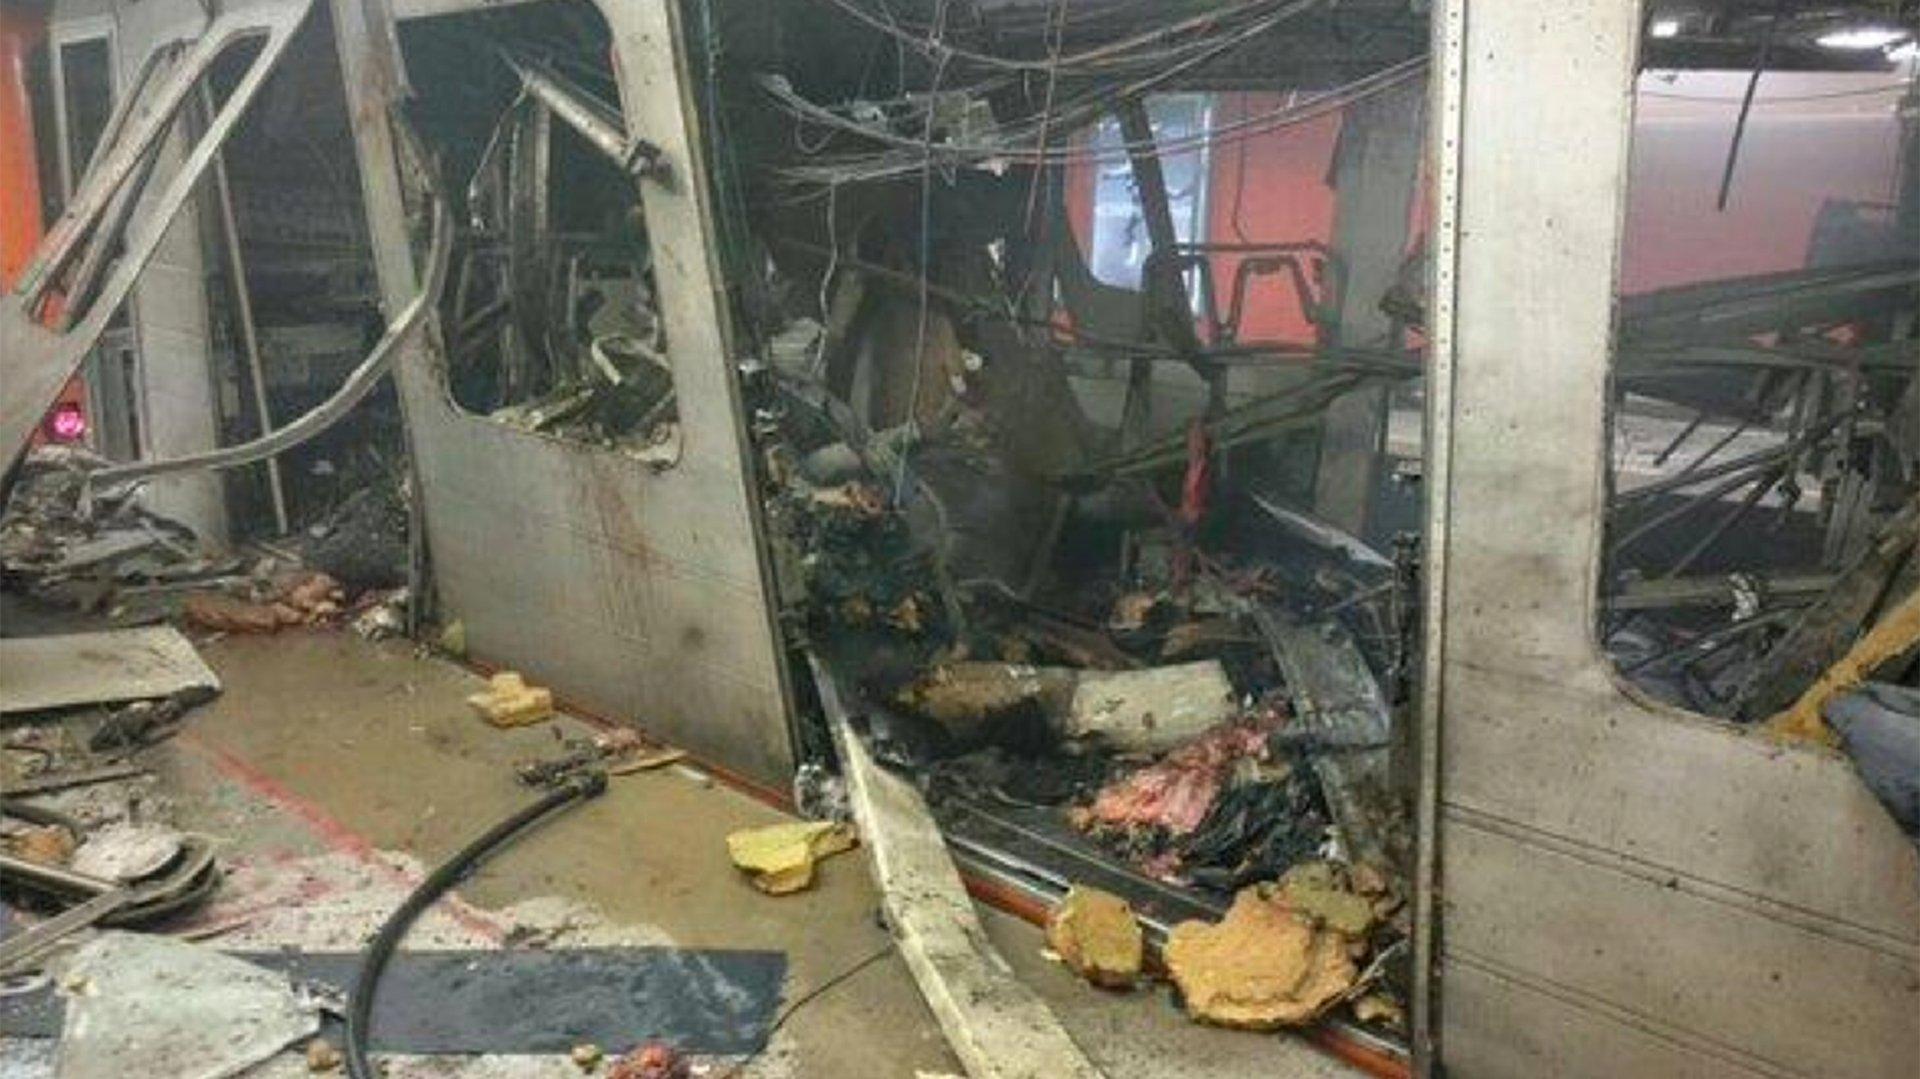 La primera imagen de la devastación en la estación Maalbeek. Por lo menos 10 personas perdieron la vida en este punto de Bruselas